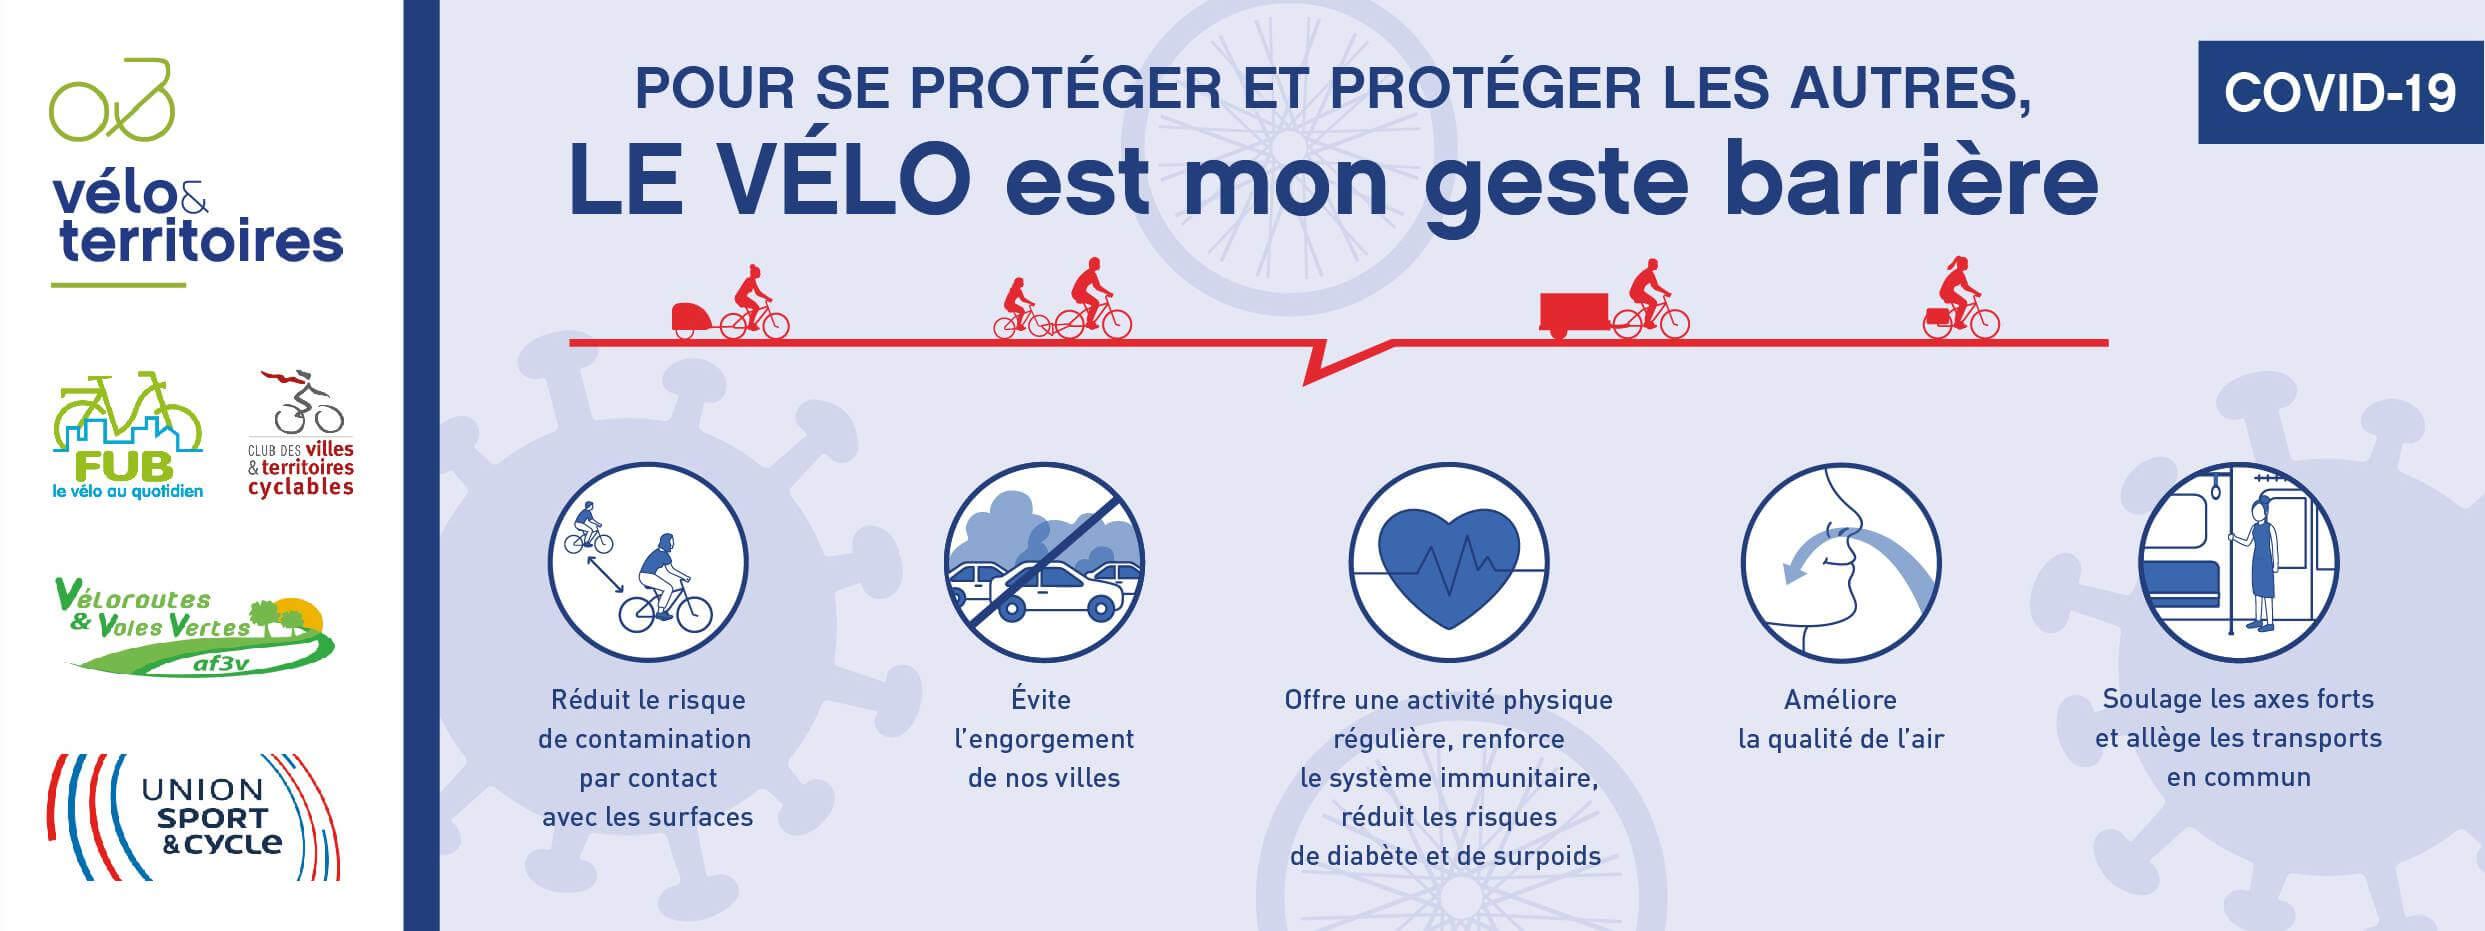 Pour se protéger et protéger les autres, le vélo est mon geste barrière